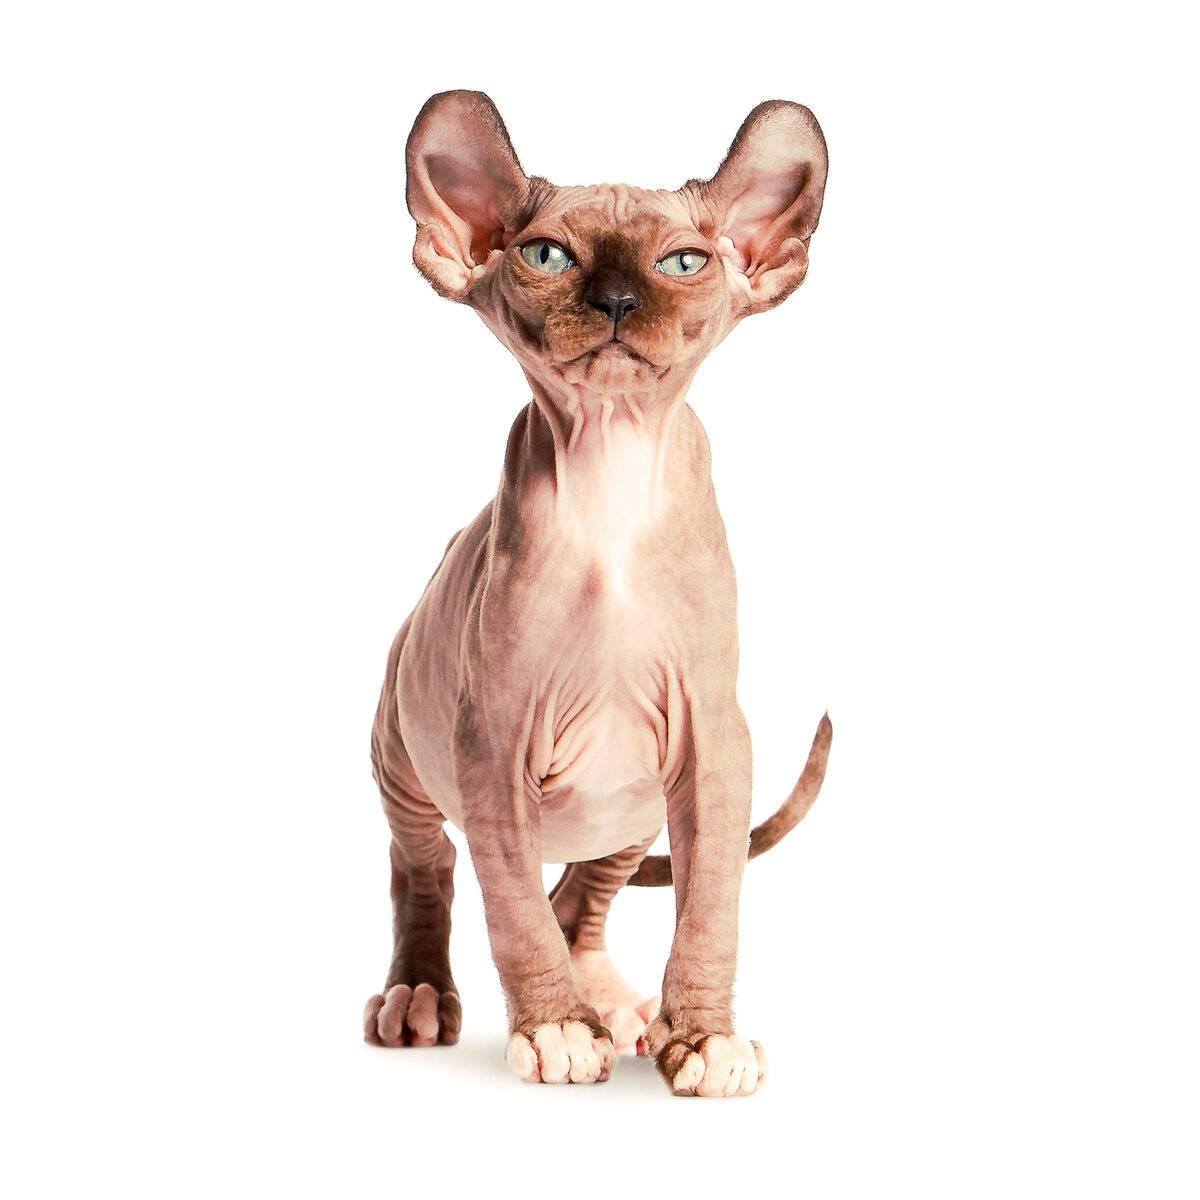 Ликой (36 фото): описание кошек и котов новой породы, происхождение котят-оборотней. особенности содержания гипоаллергенных котов